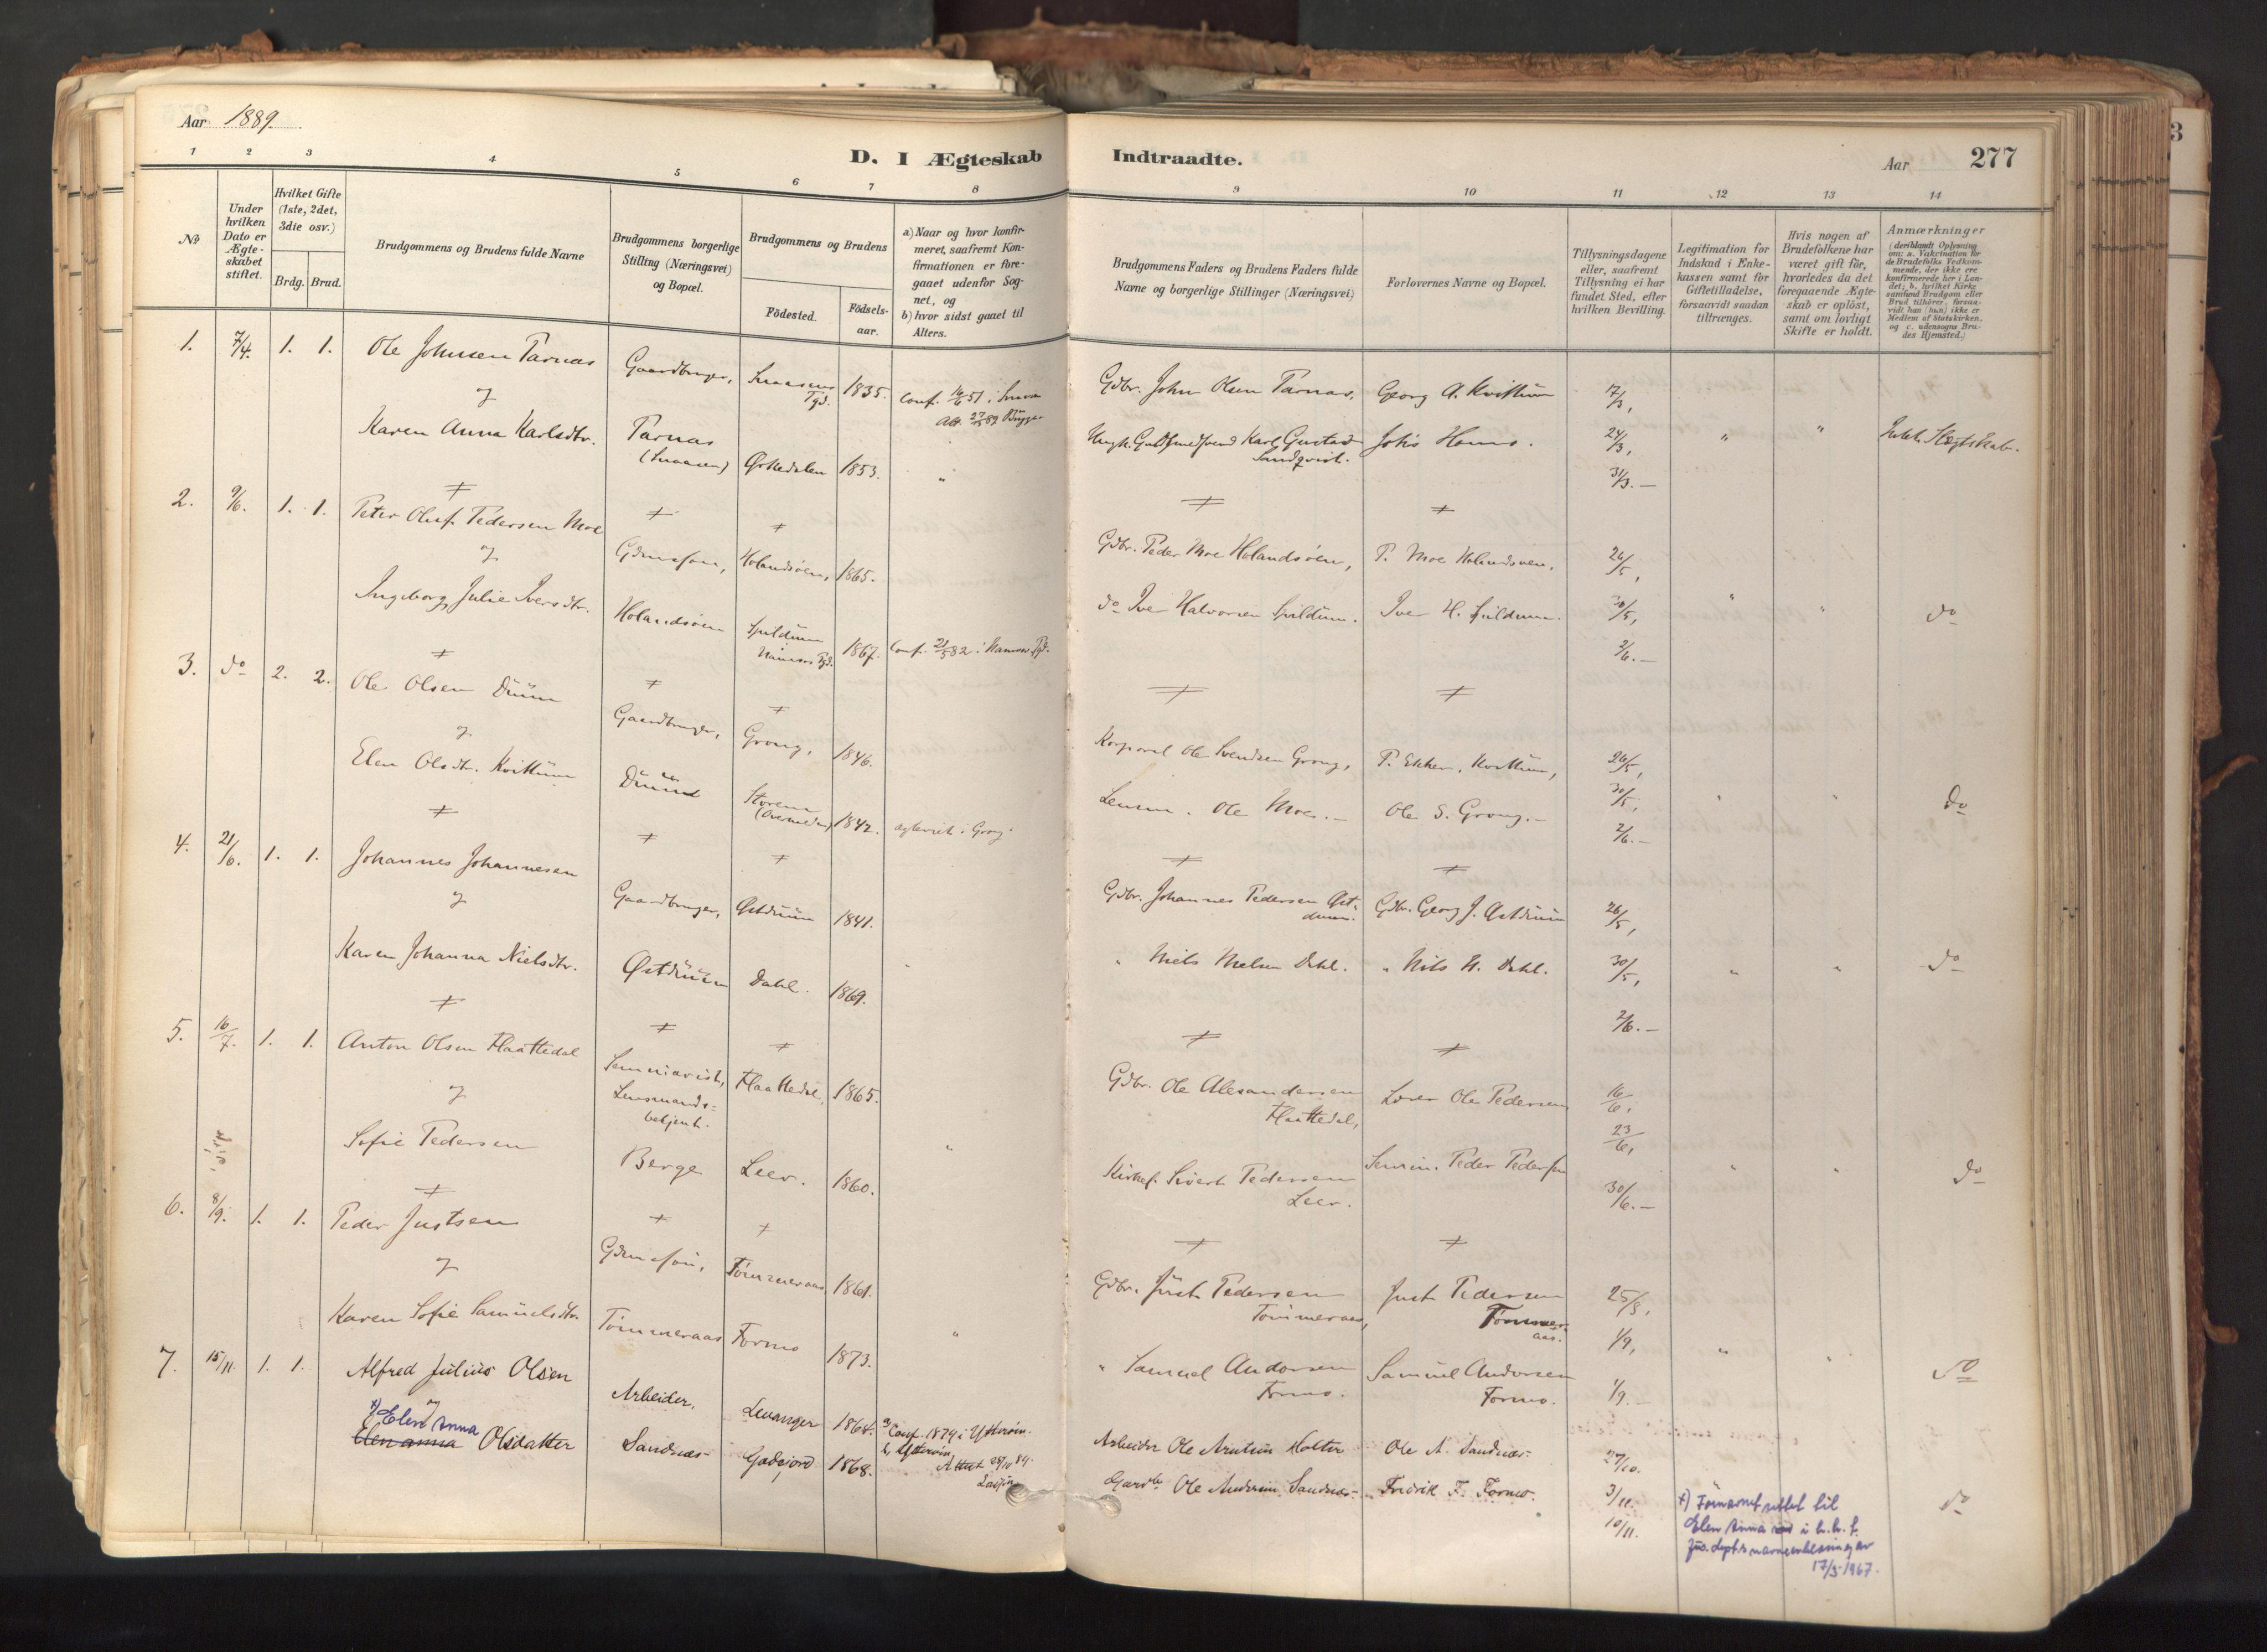 SAT, Ministerialprotokoller, klokkerbøker og fødselsregistre - Nord-Trøndelag, 758/L0519: Ministerialbok nr. 758A04, 1880-1926, s. 277